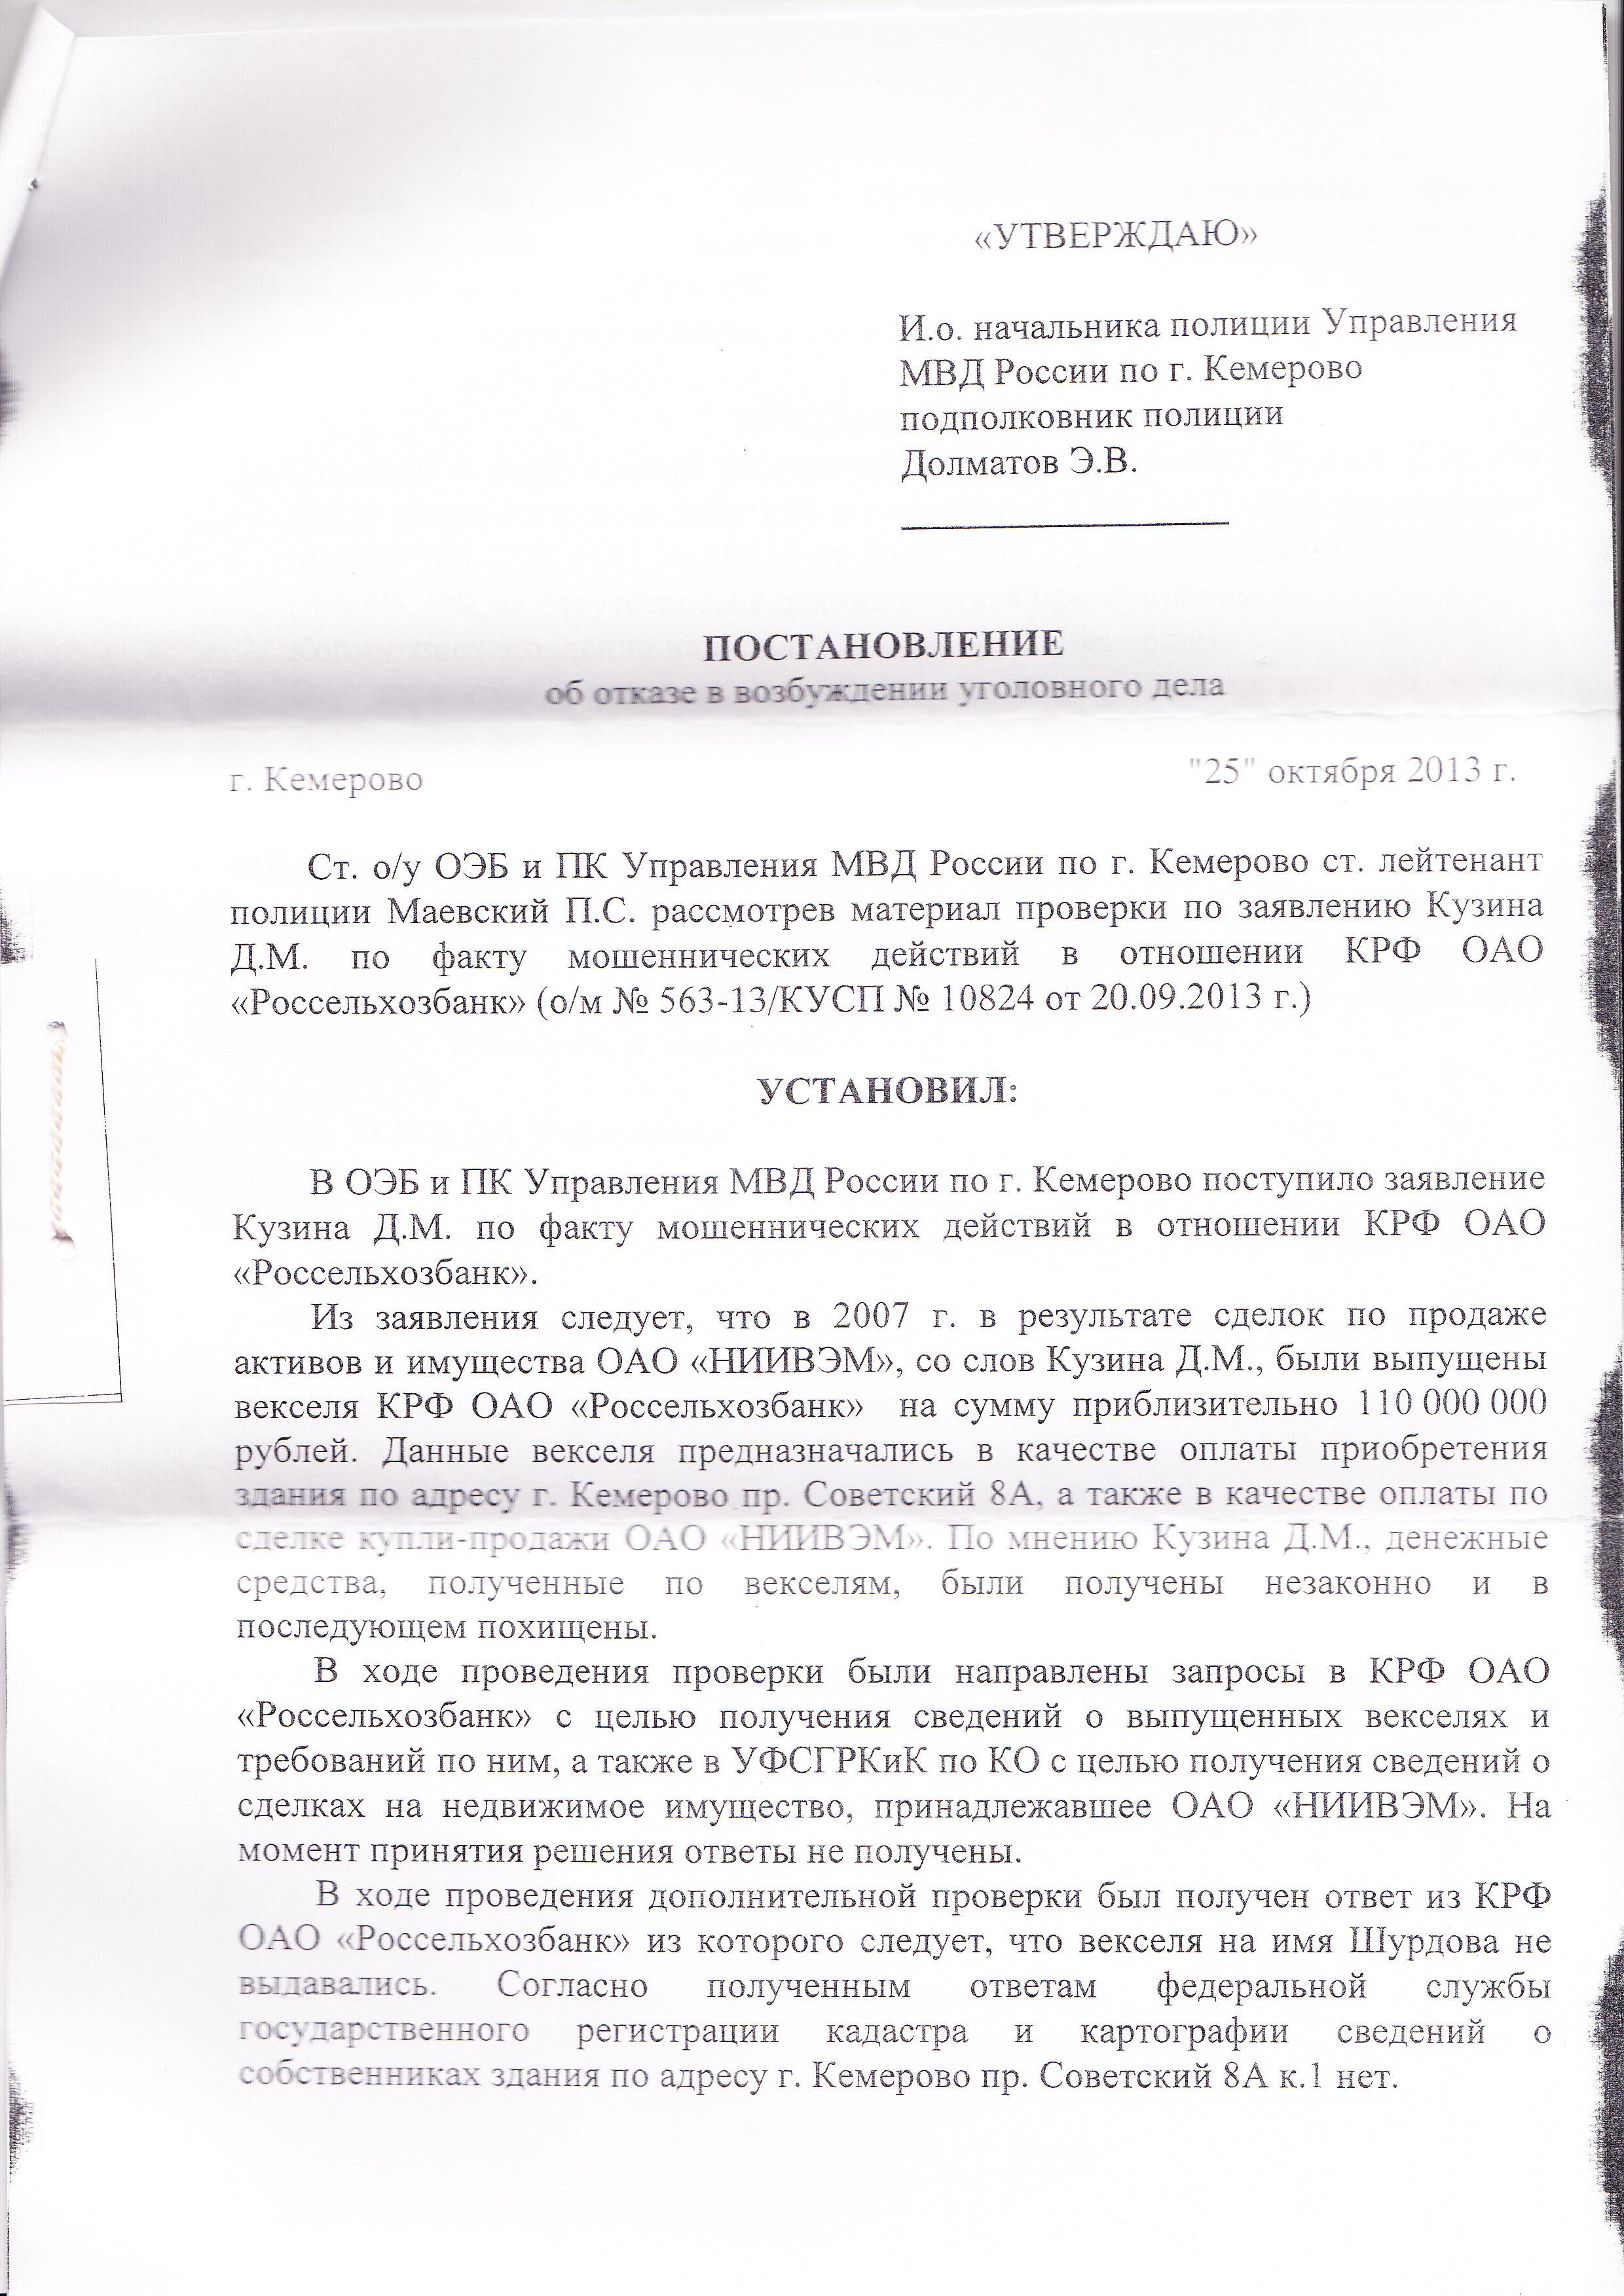 Постановление Маевского от 25 10 2013 - 1 л